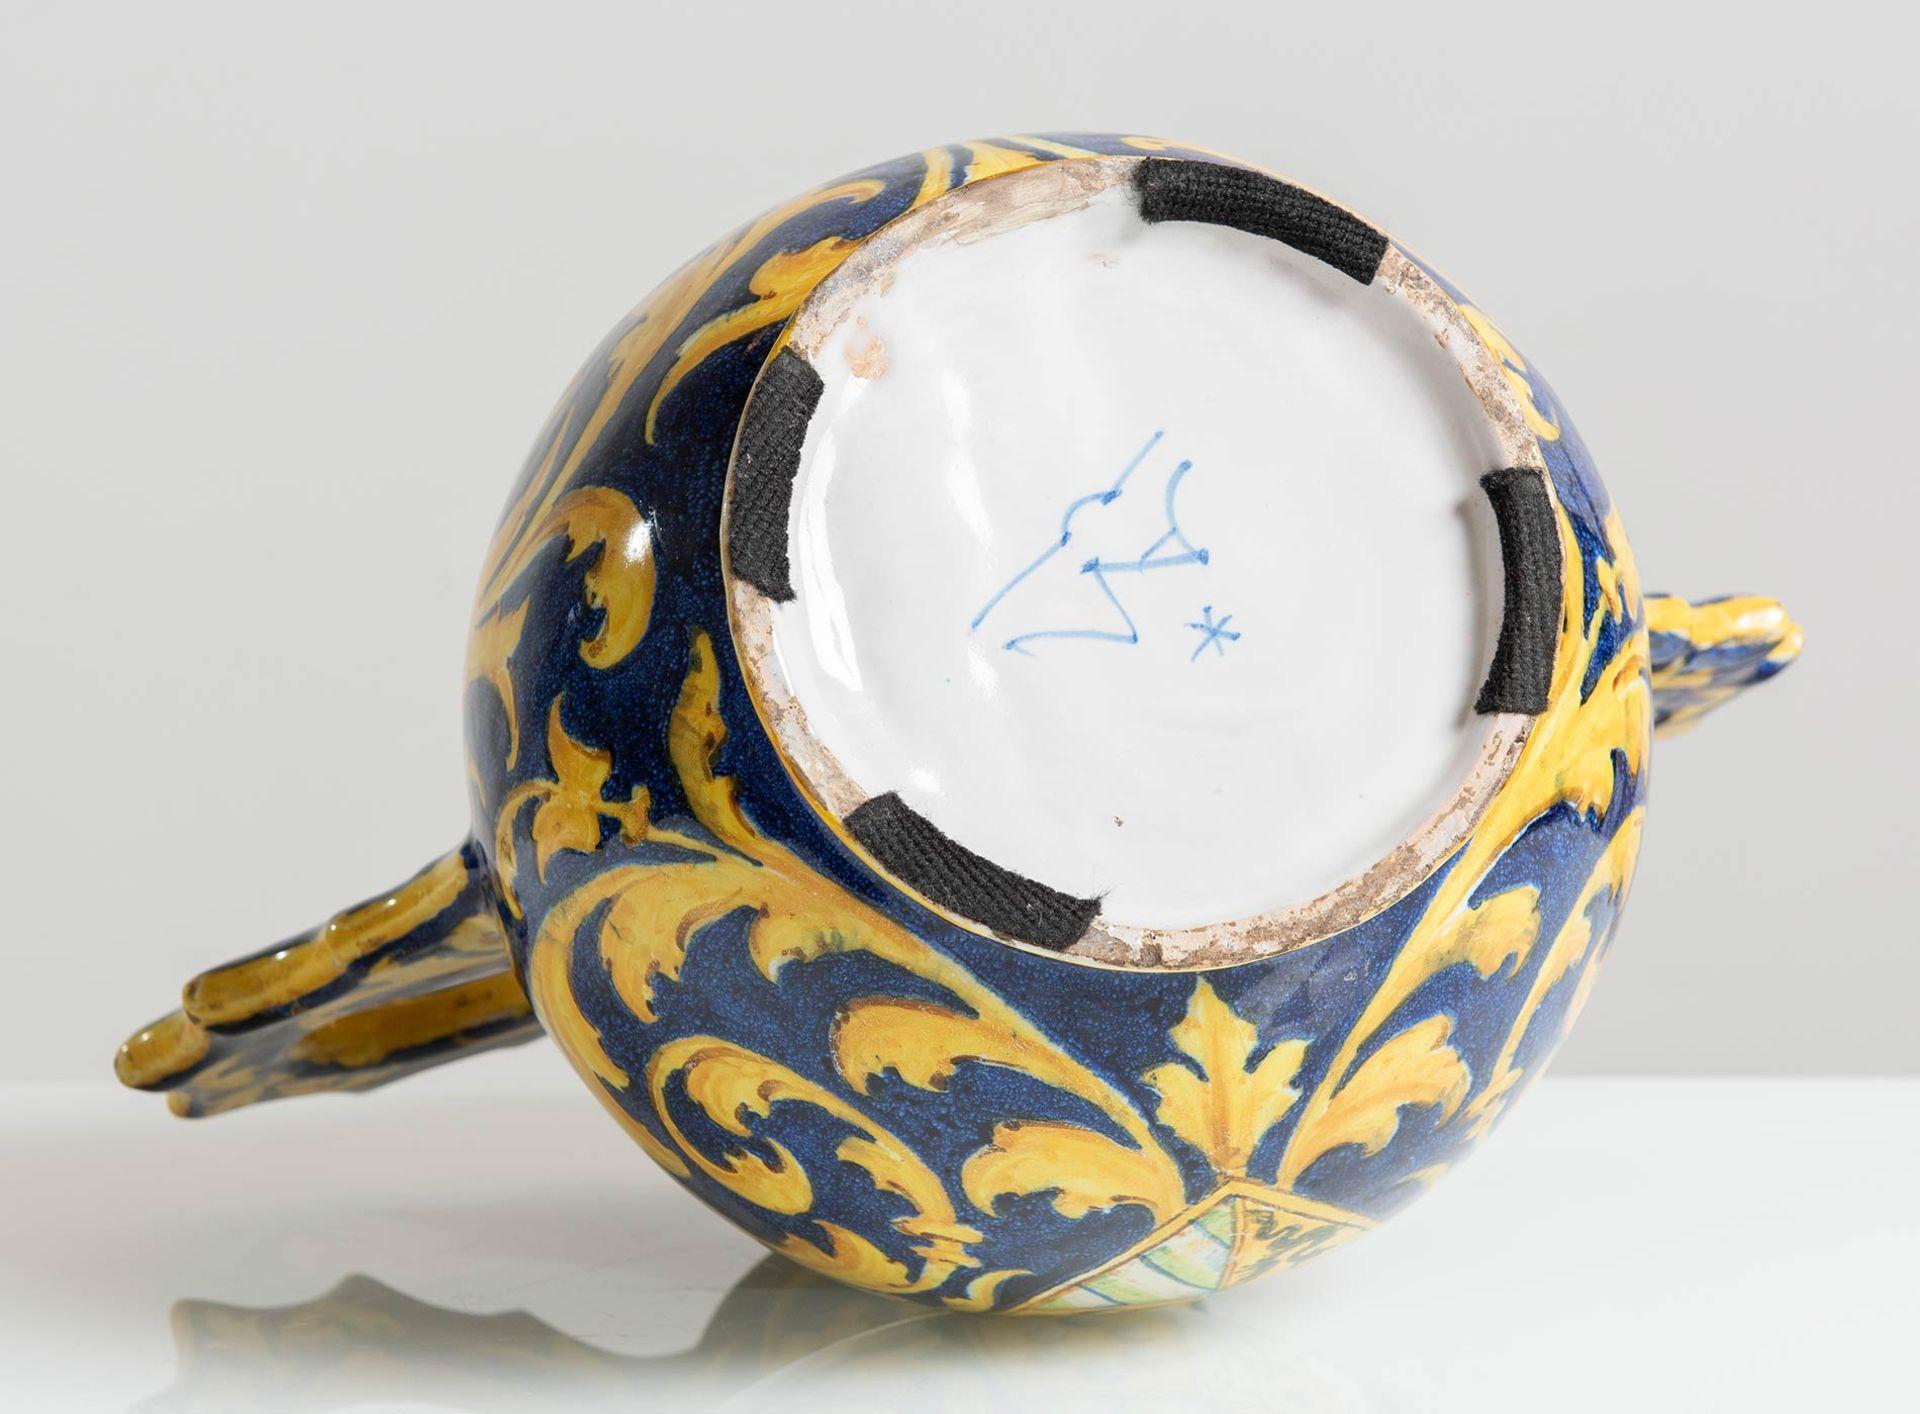 Los 1 - Manifattura Minghetti - Bologna, Vaso globulare in ceramica con grandi manici, inizio del XX sec.